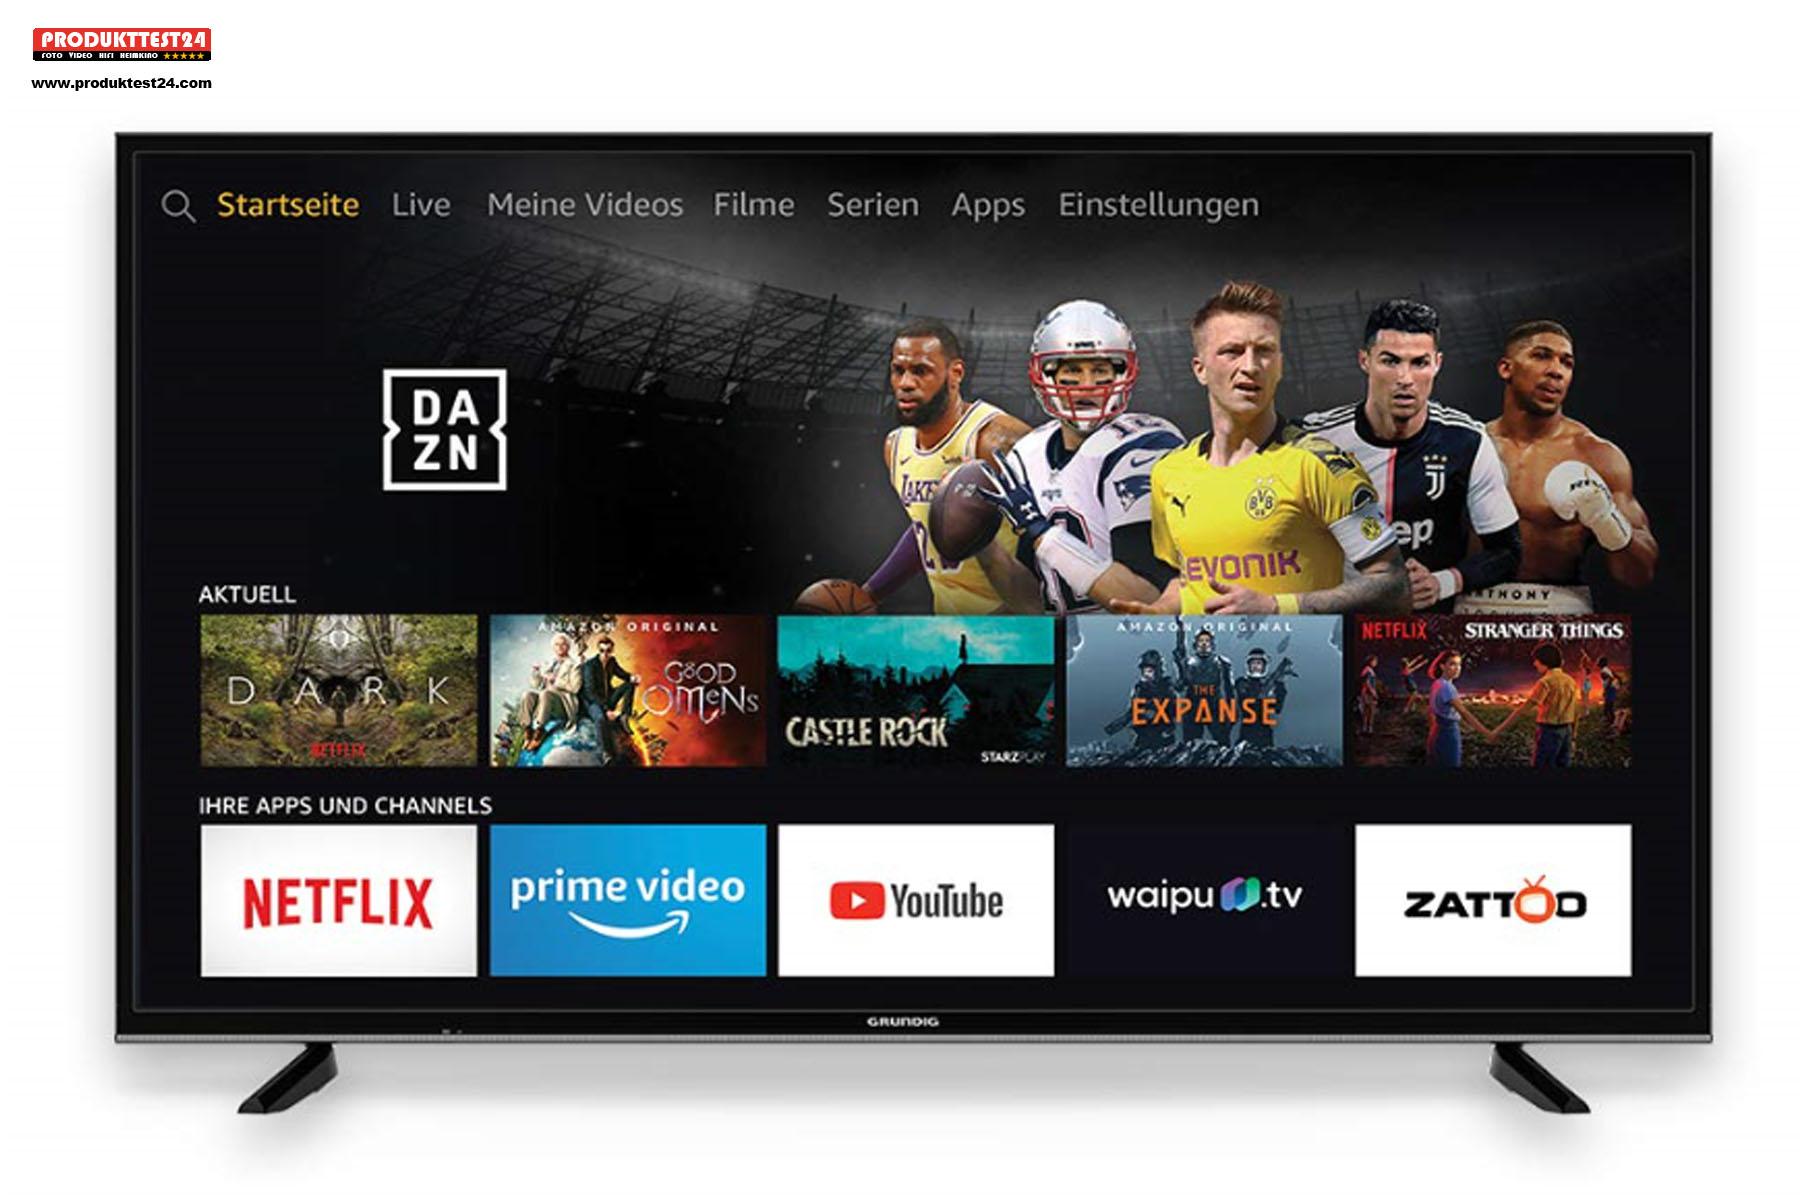 Grundig Vision 7 - 65 Zoll 4K Fernseher mit Fire TV